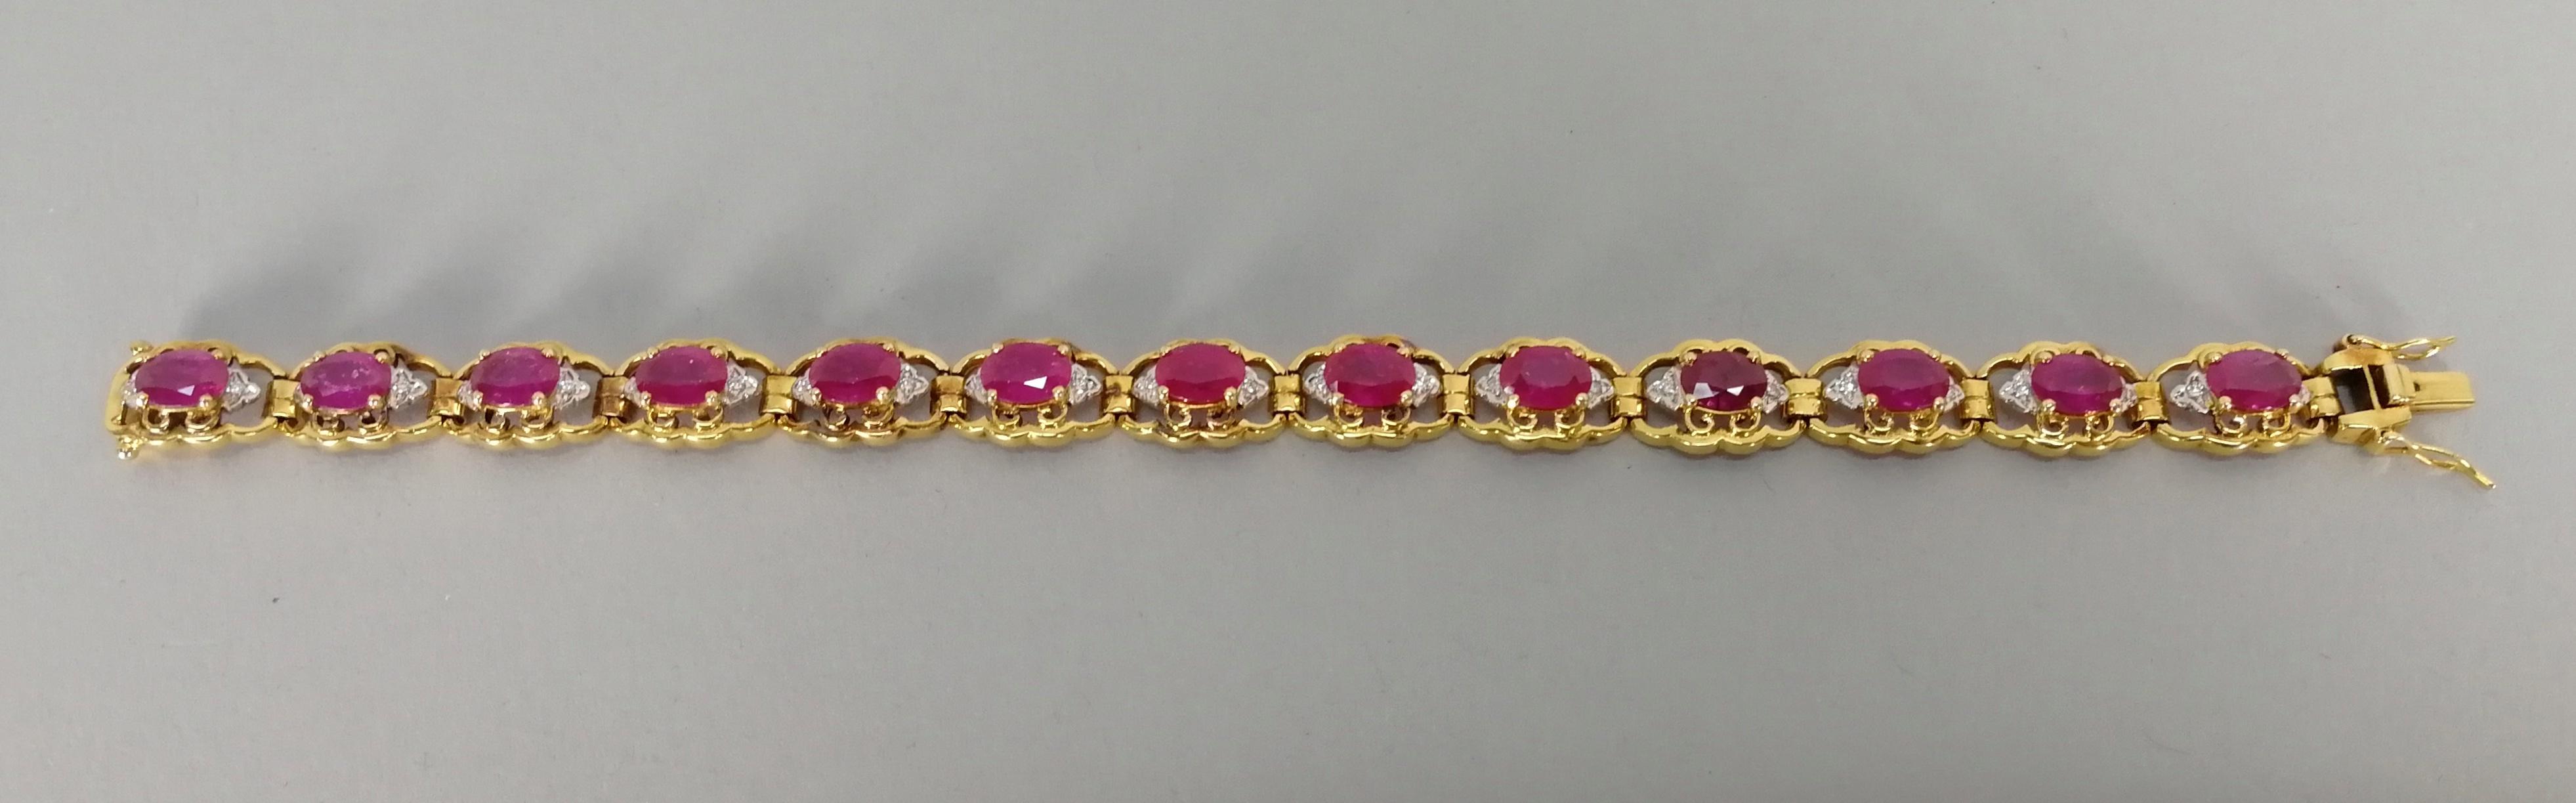 Lot 2 - Bracciale in oro bianco e giallo 18 kt. con tredici rubini contornati da piccoli diamanti, gr. 23